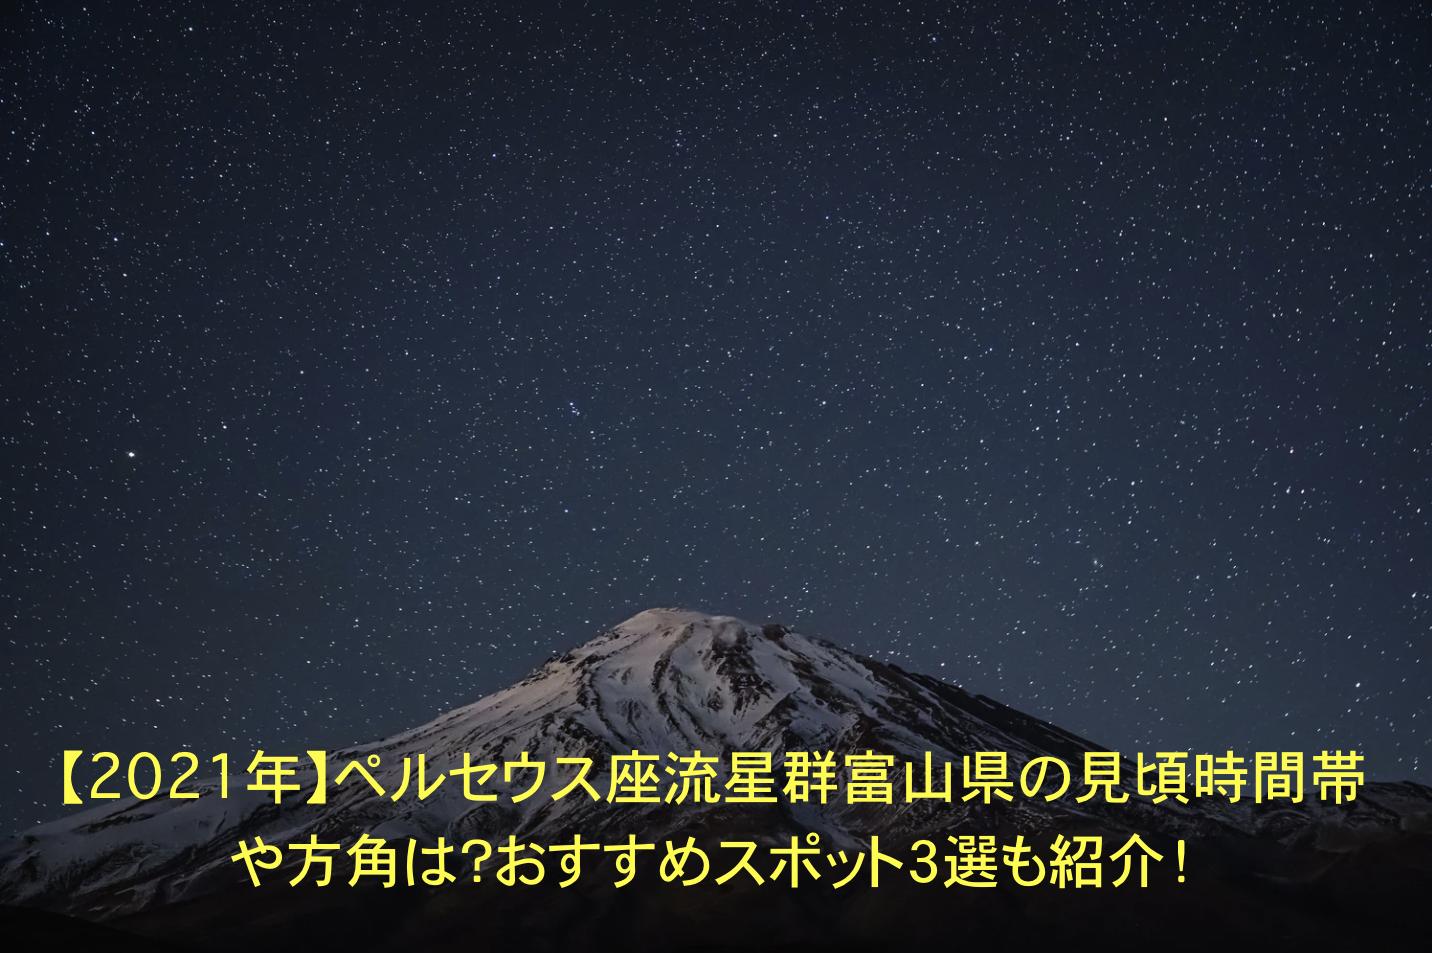 ペルセウス座流星群 富山 見頃 時間帯 方角 おすすめスポット